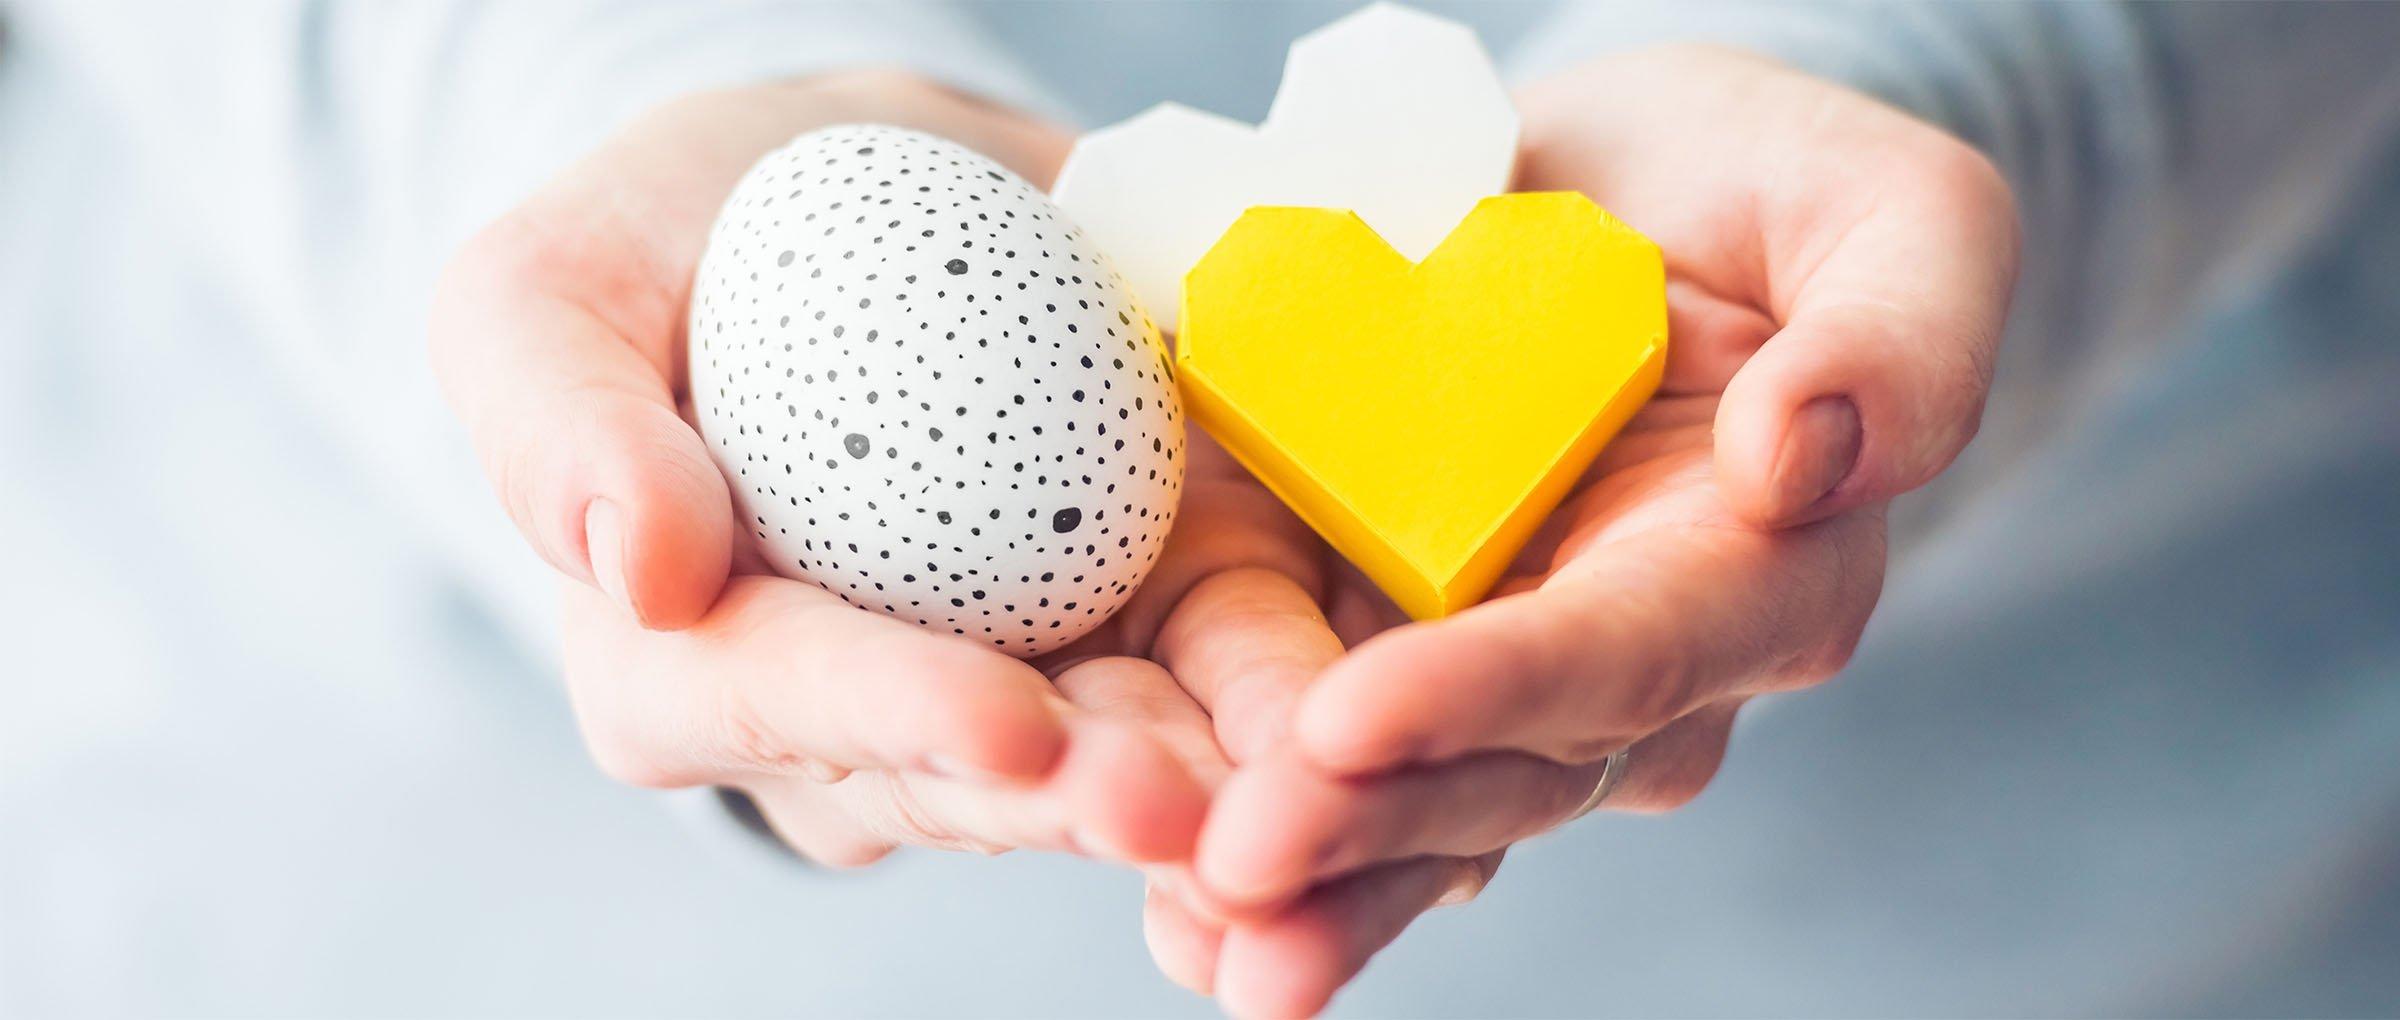 Ser madre gracias a la donación de óvulos